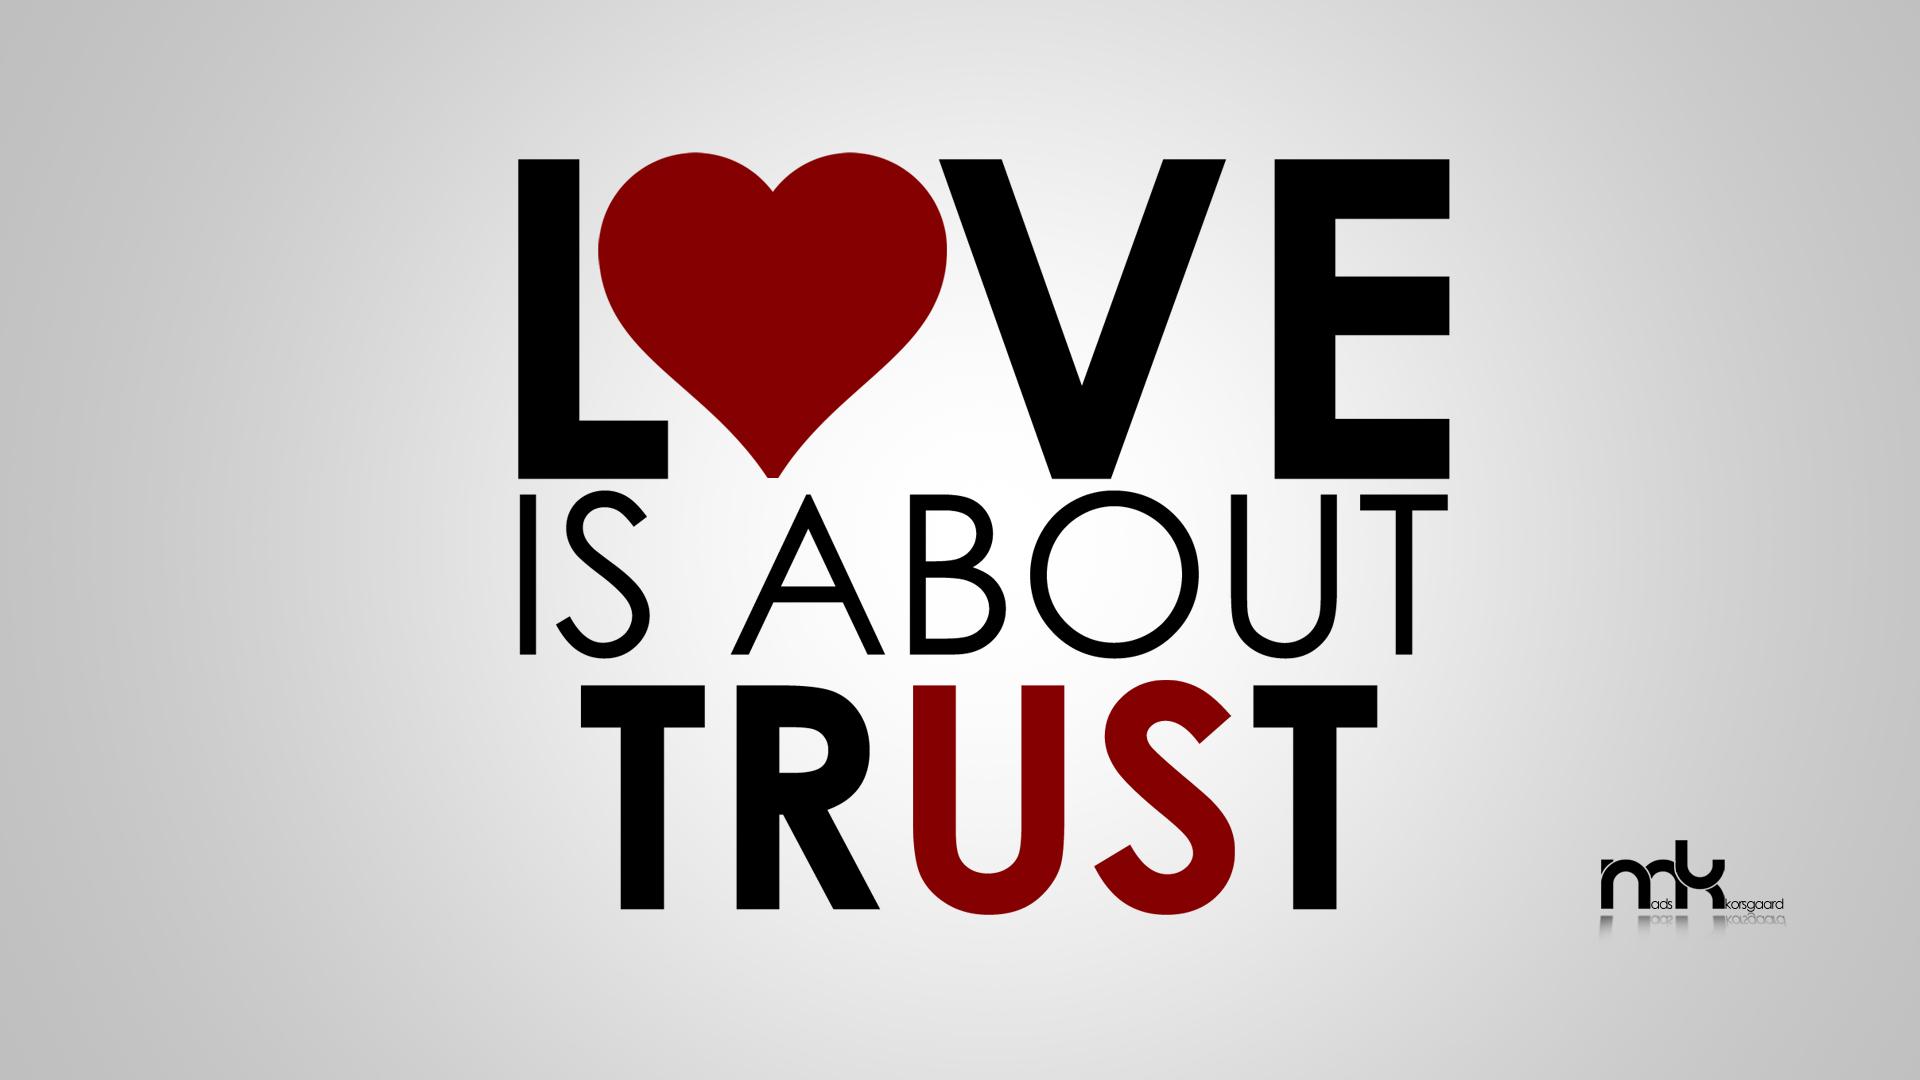 love is about trust by DeciNNN on DeviantArt